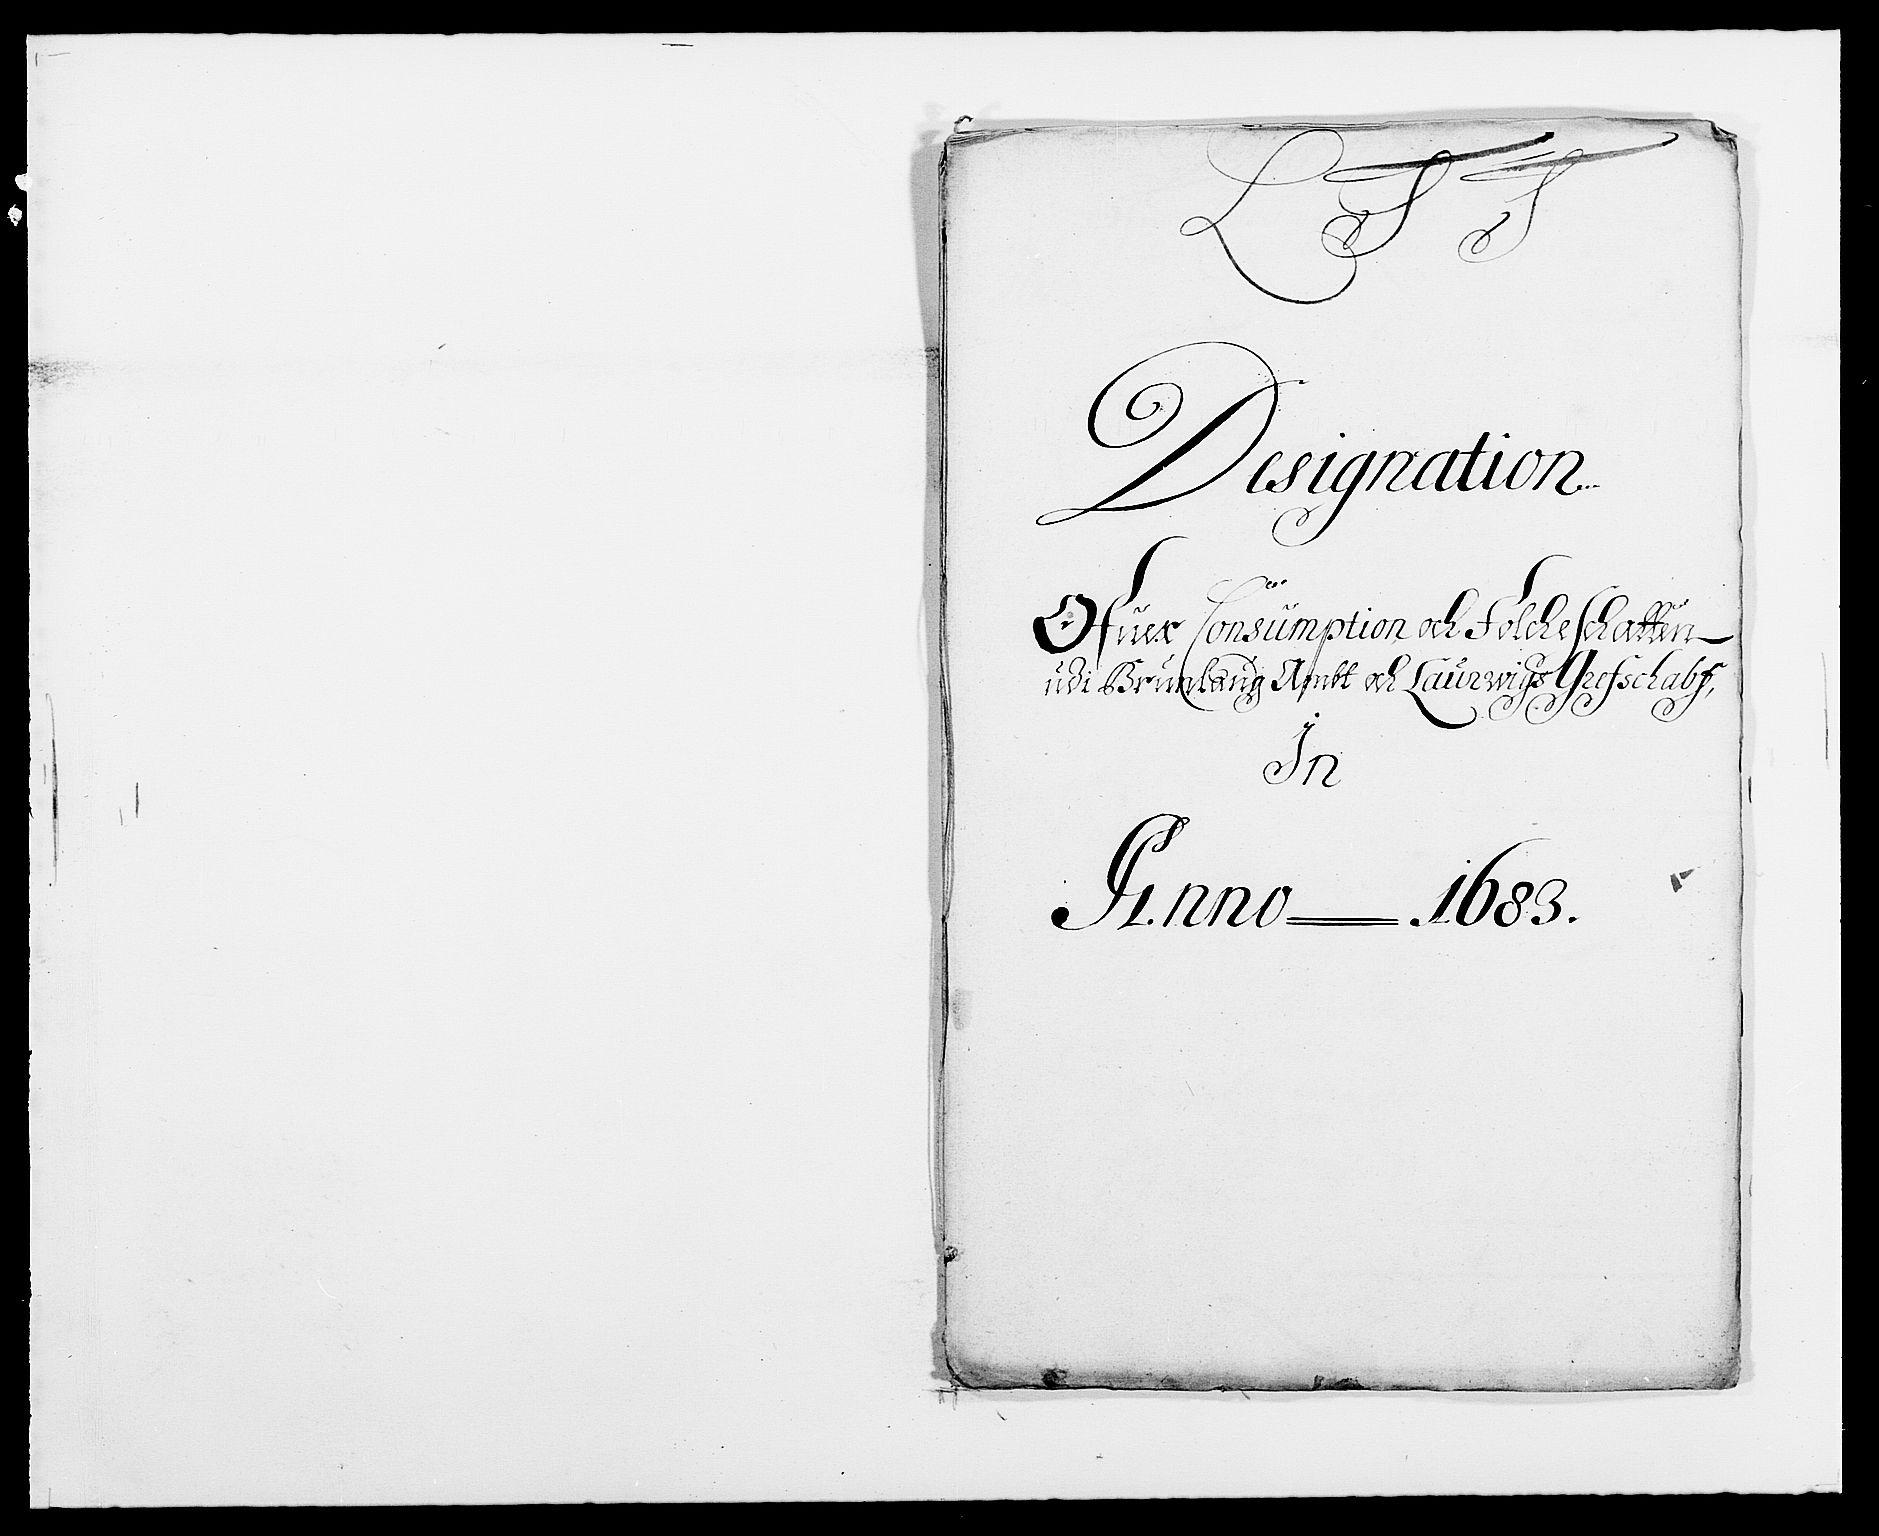 RA, Rentekammeret inntil 1814, Reviderte regnskaper, Fogderegnskap, R33/L1969: Fogderegnskap Larvik grevskap, 1675-1687, s. 288